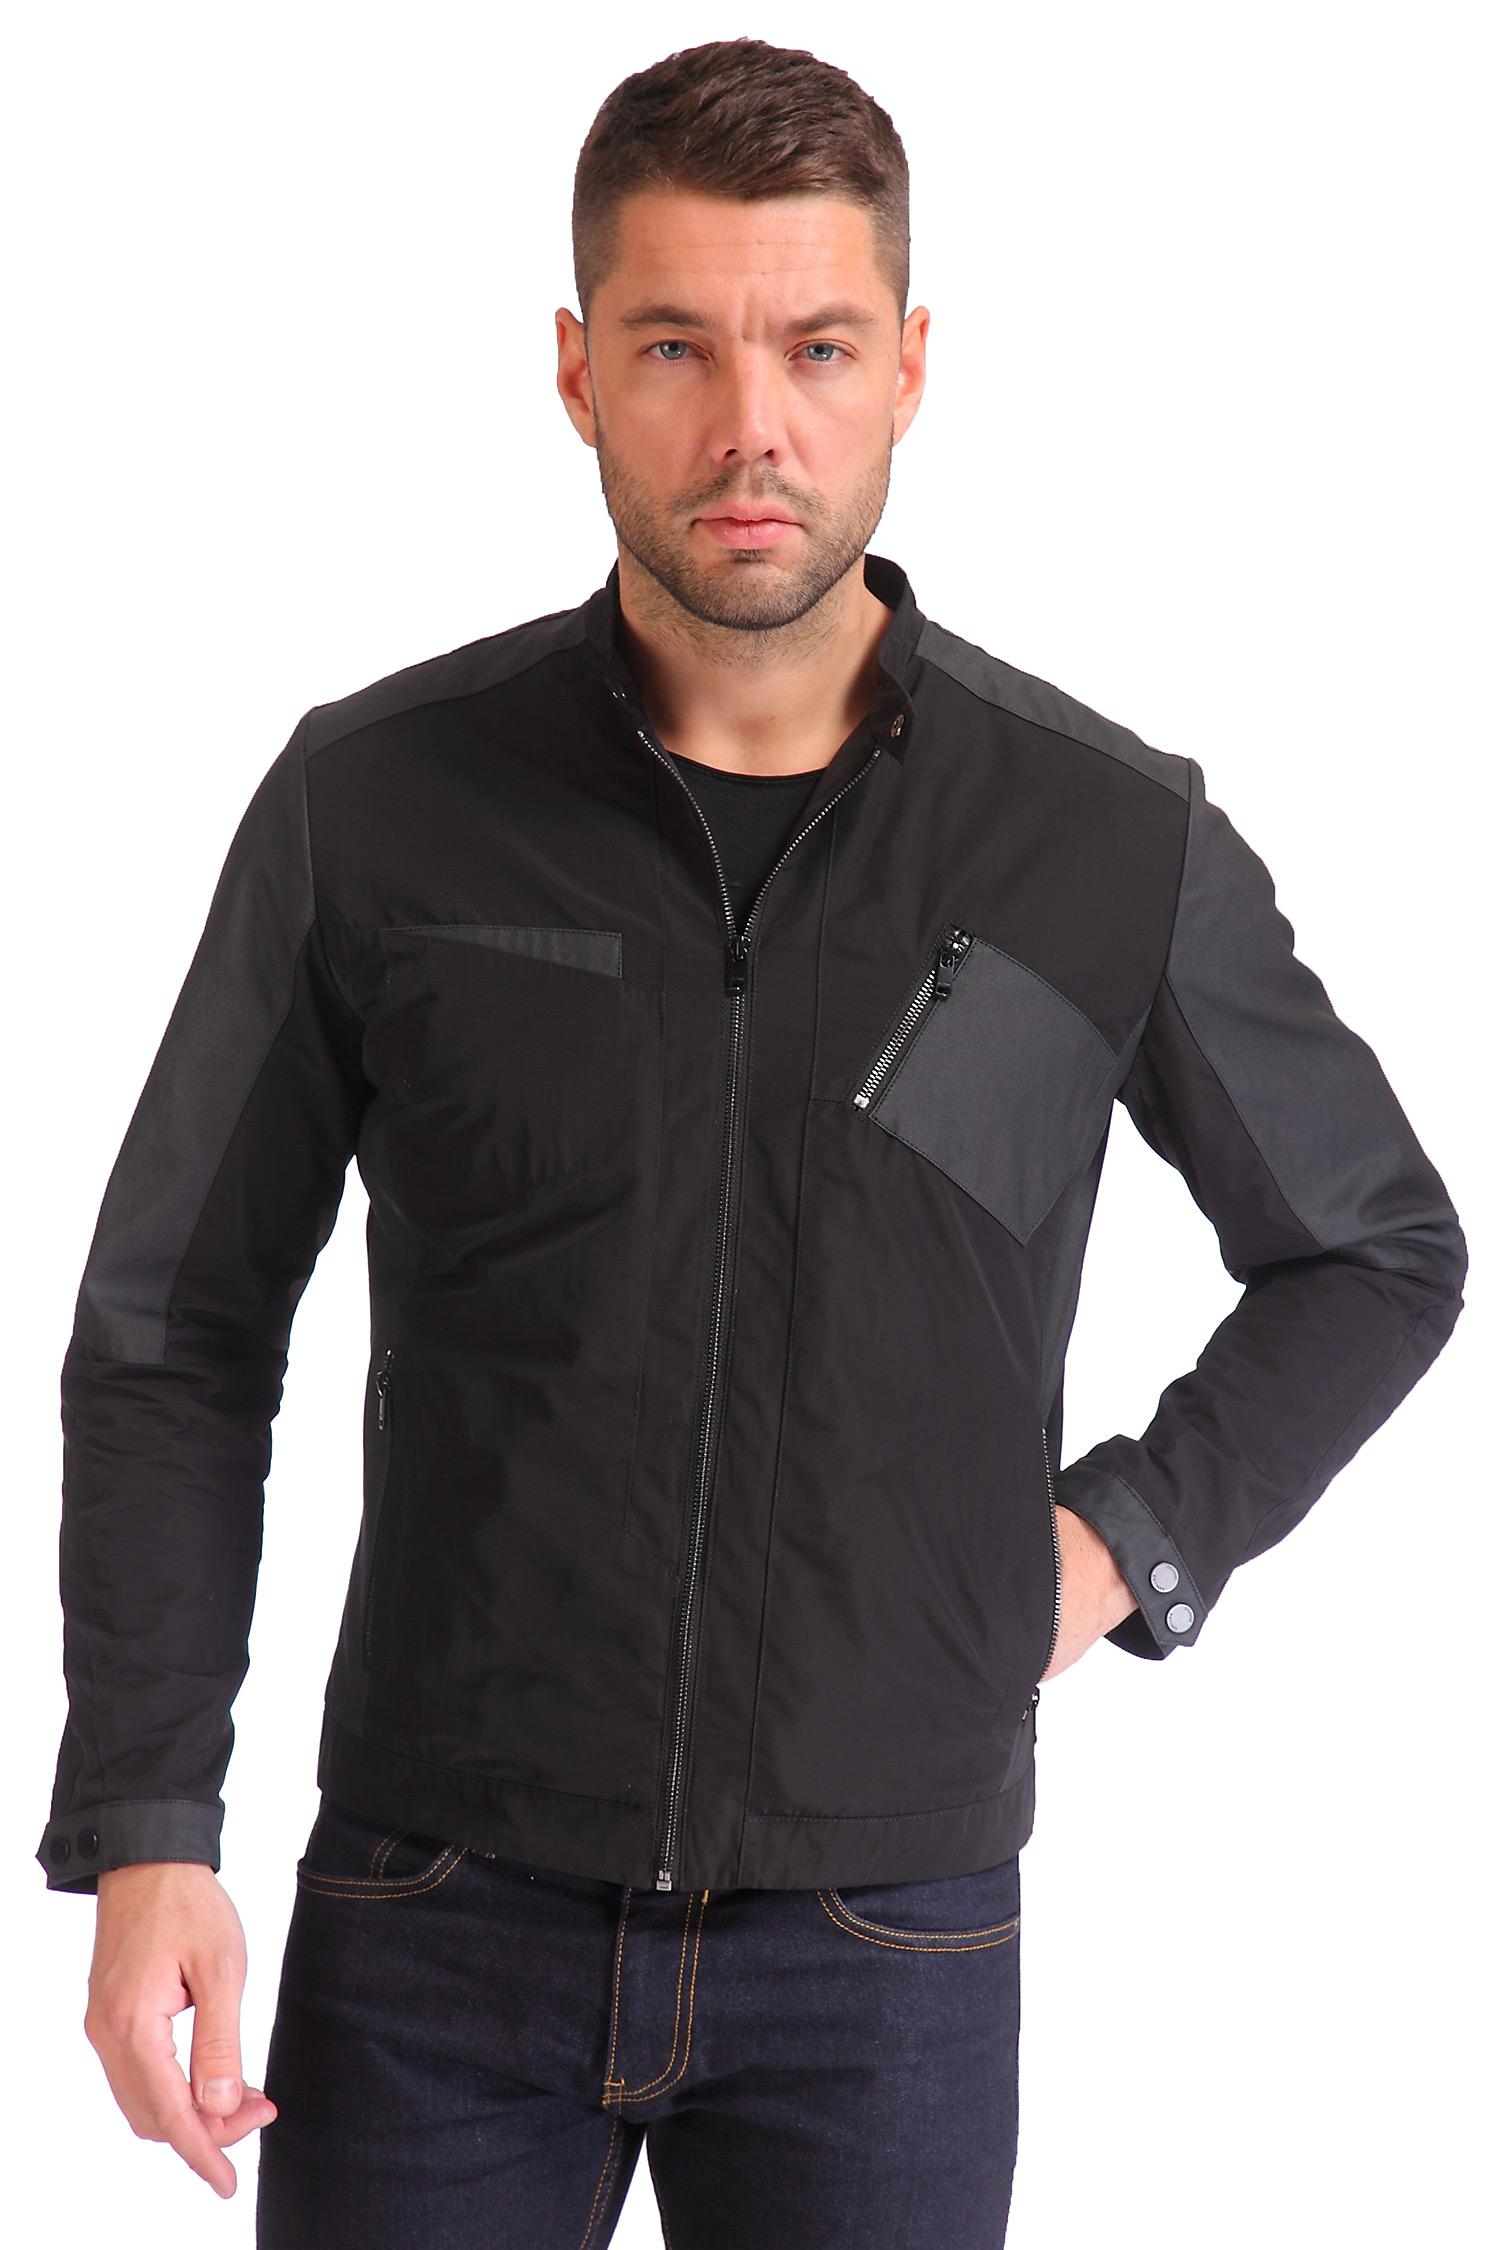 Мужская куртка из текстиля с воротником, без отделки<br><br>Длина см: Длинная (свыше 90)<br>Материал: Текстиль<br>Цвет: черный<br>Пол: Мужской<br>Размер RU: 54